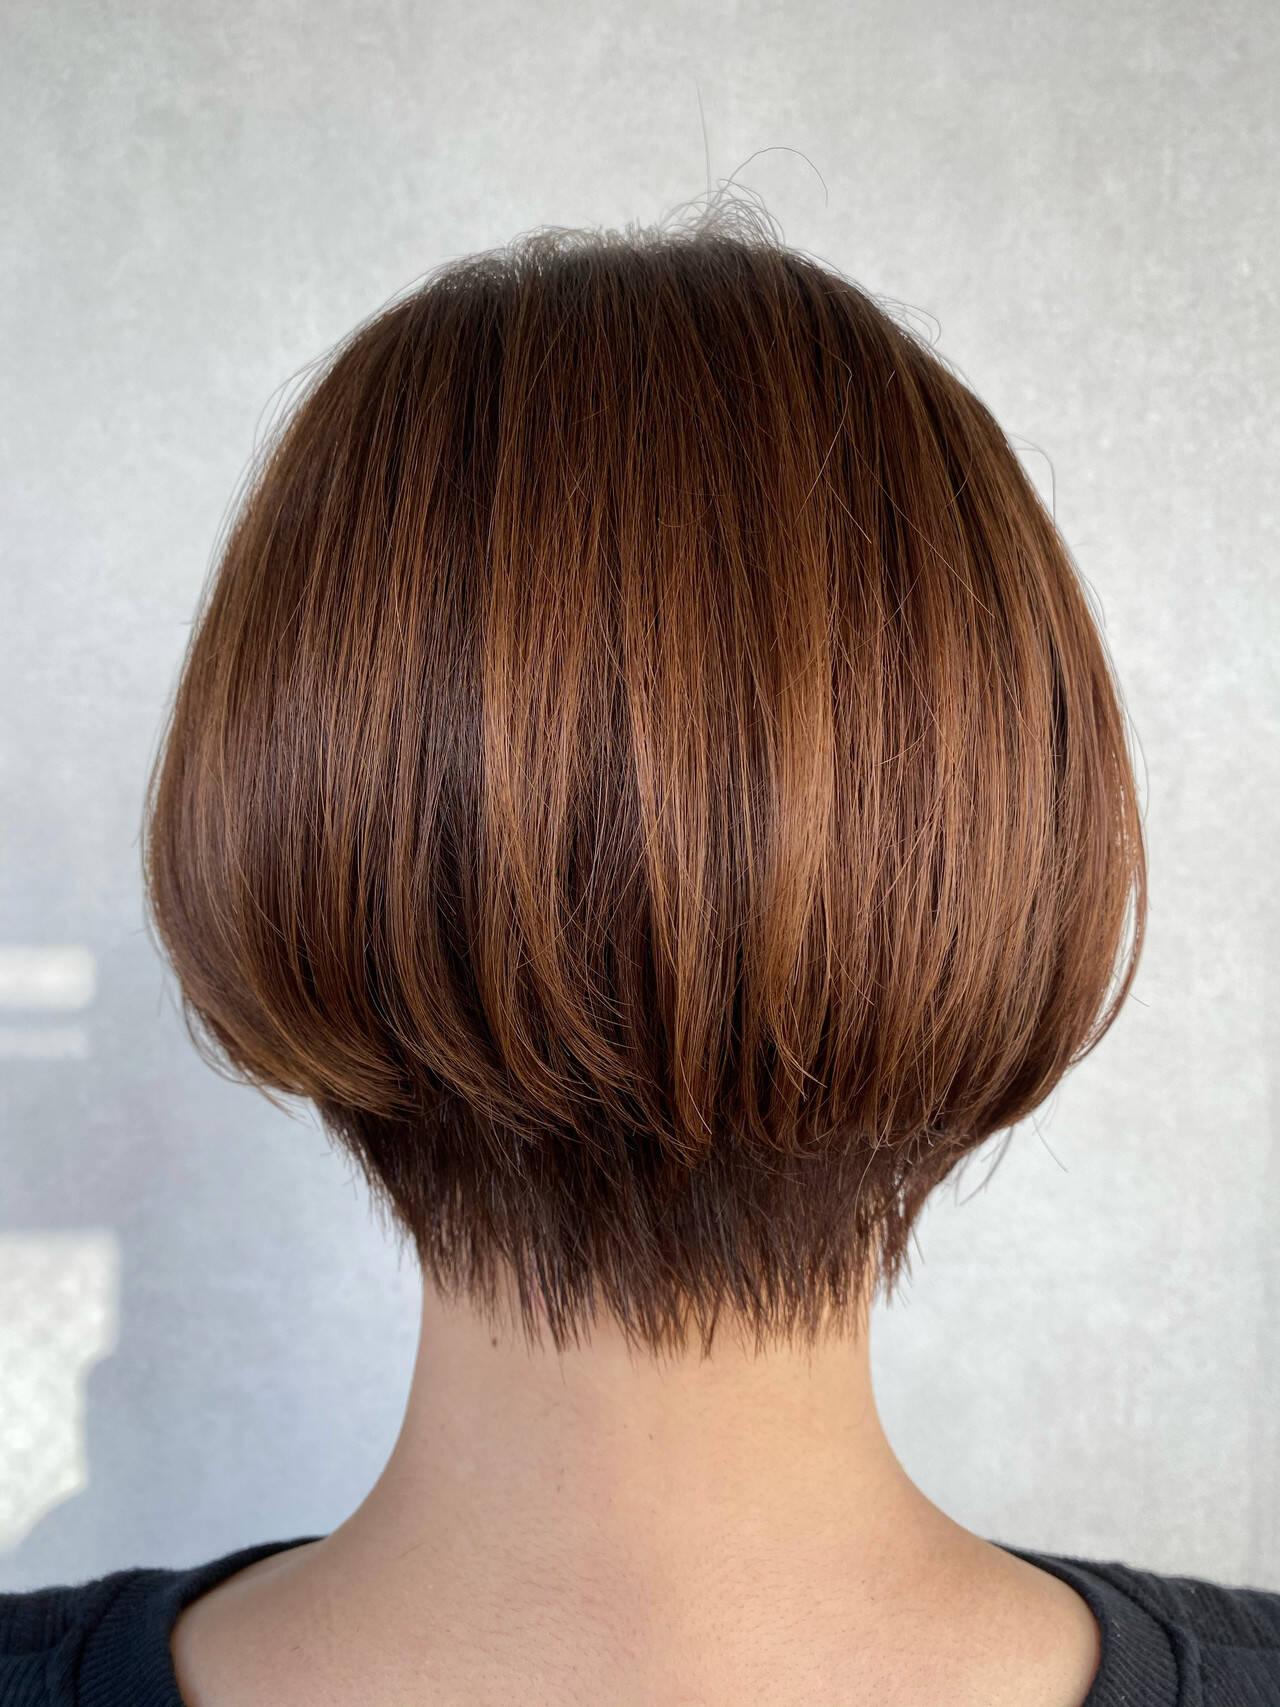 ボブ フェミニン ショートヘア ショートボブヘアスタイルや髪型の写真・画像